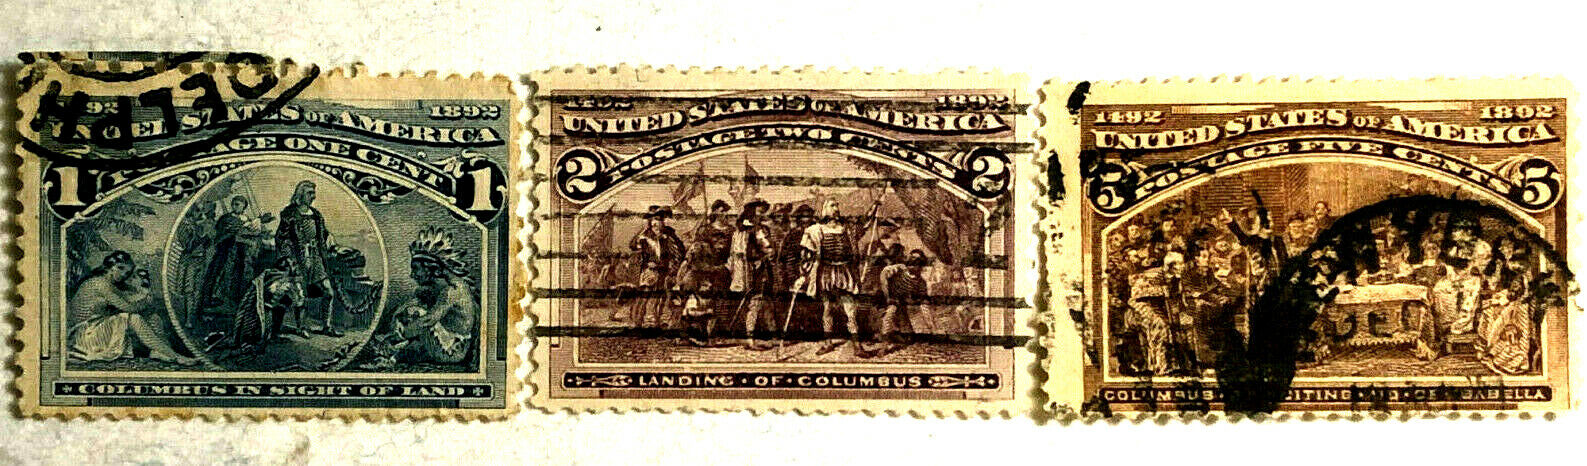 1893 Columbian Exposition Stamp Issue 1c, 2c, 5c Scott Catalog 230 231 234 - $0.99